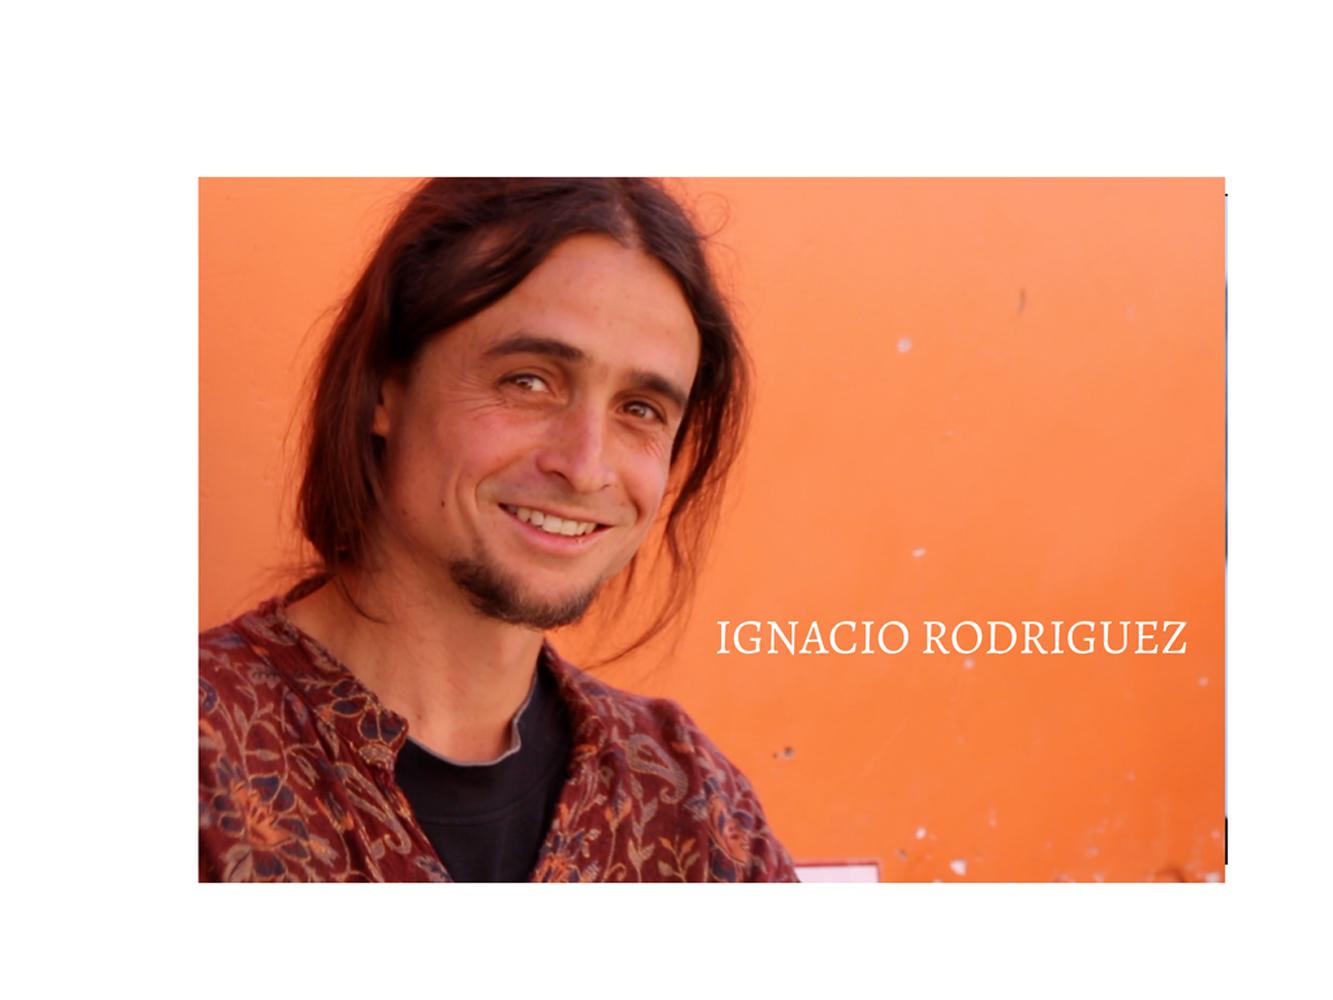 Ignacio title card